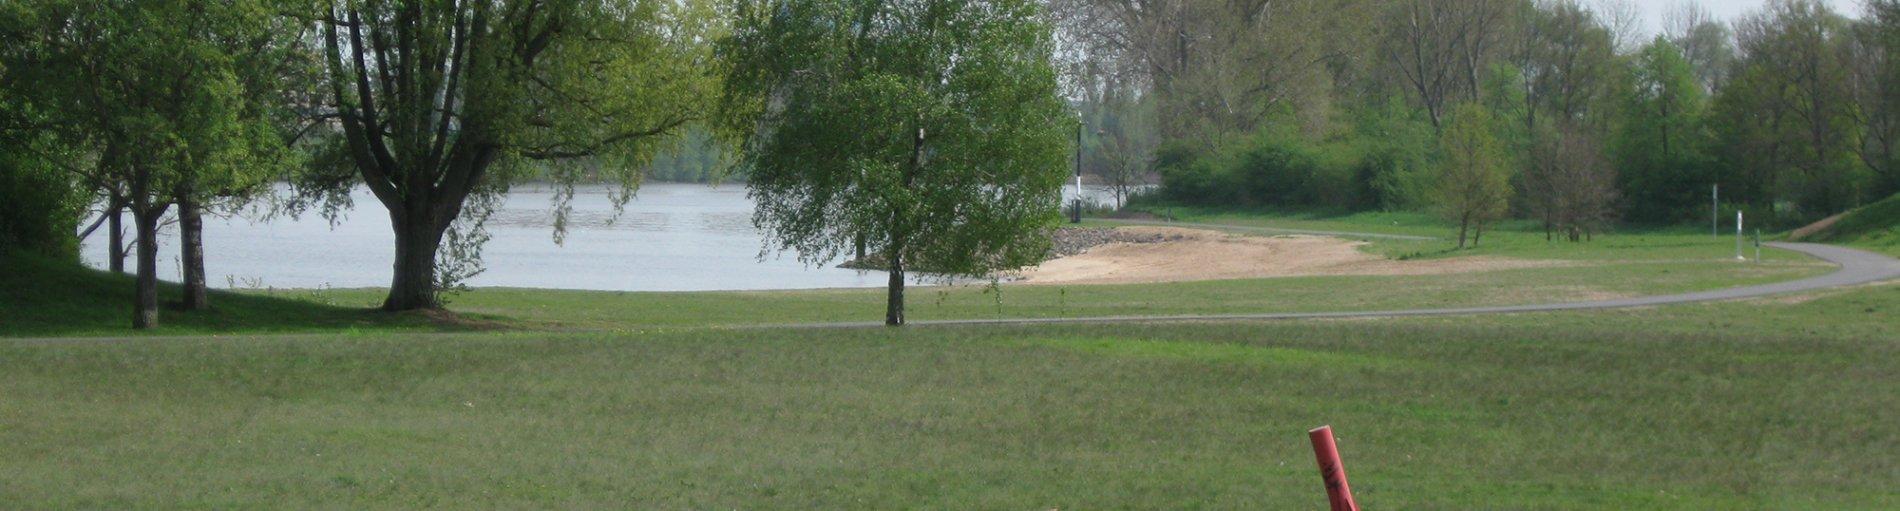 Grüne Bäume und Wiesen am Ufer.